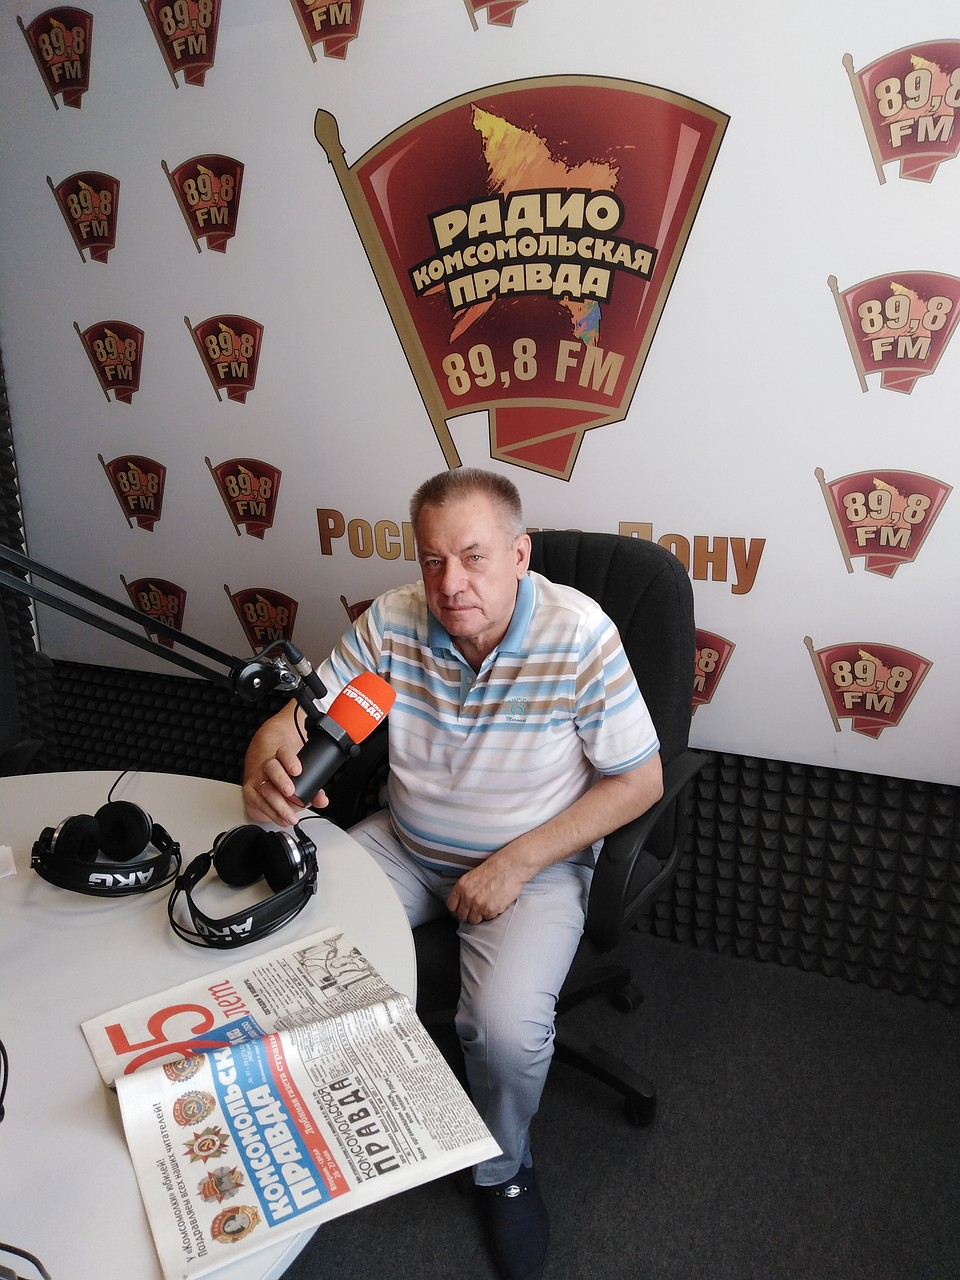 Генеральный директор АО «Центральный рынок» Юрий Муковоз. Фото: Дадаян Давид